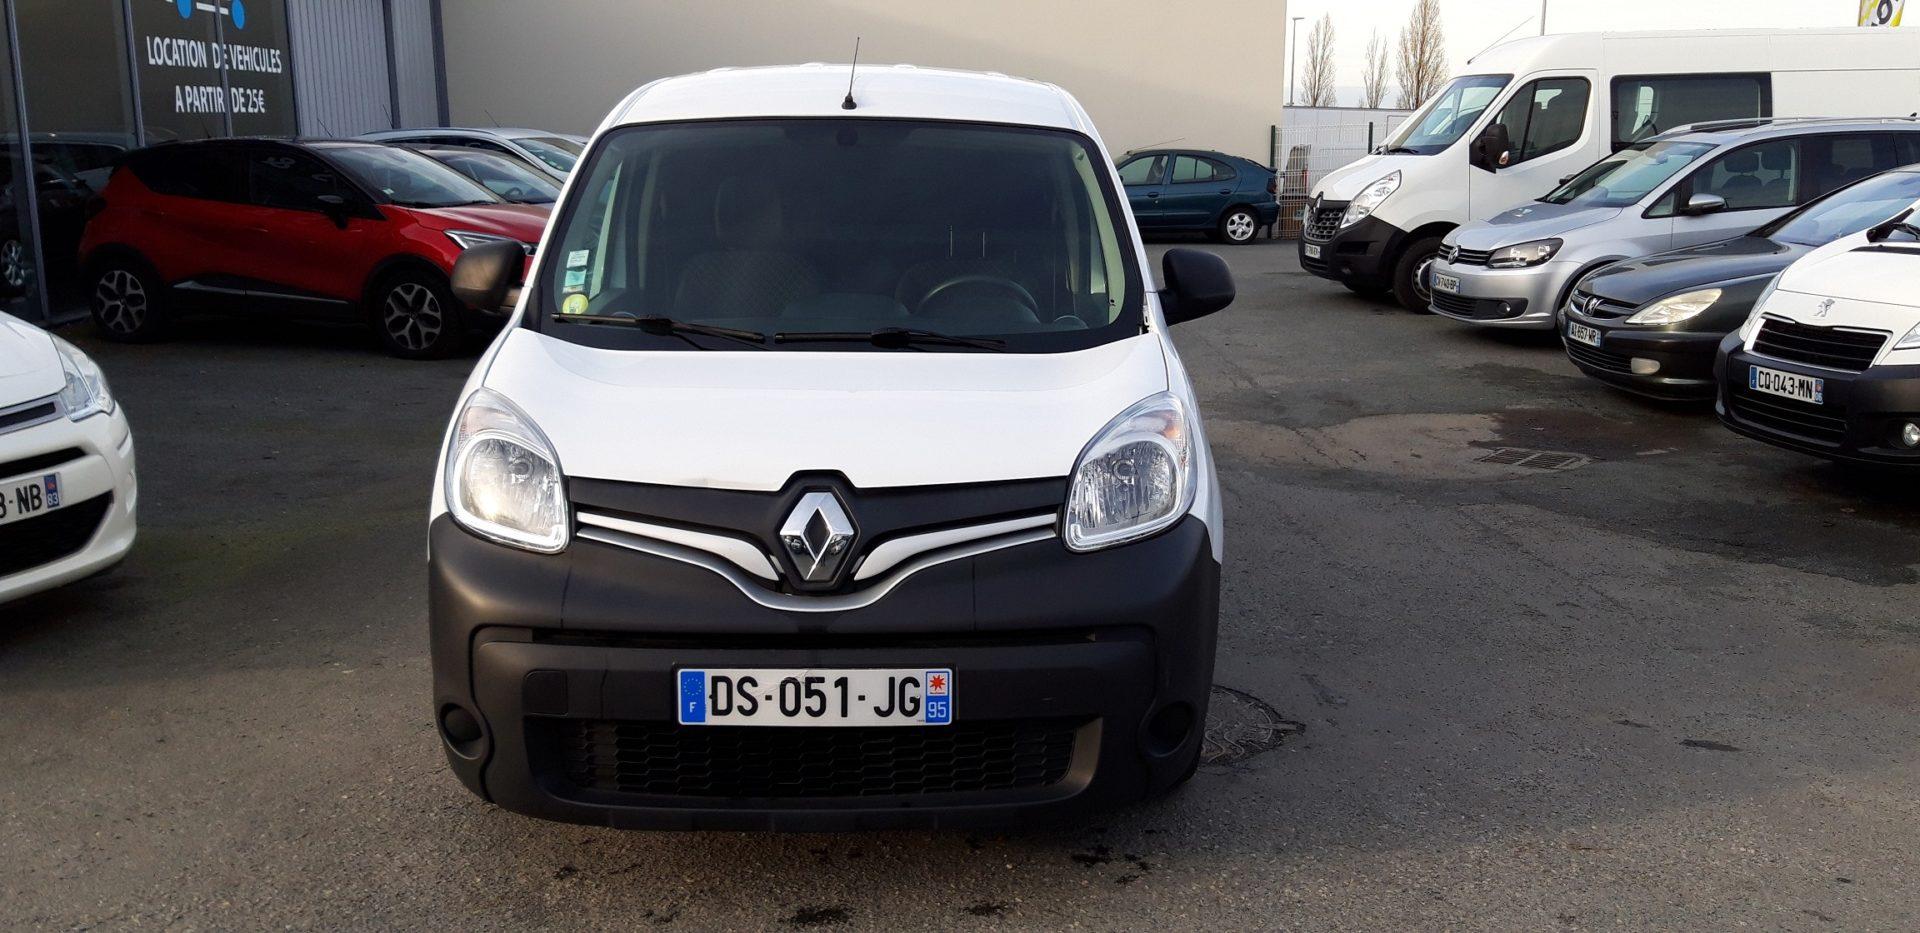 Garage Jallier Tharreau Garage Automobile Cholet Location Vehicule 9 Places 20200111 154313 1500